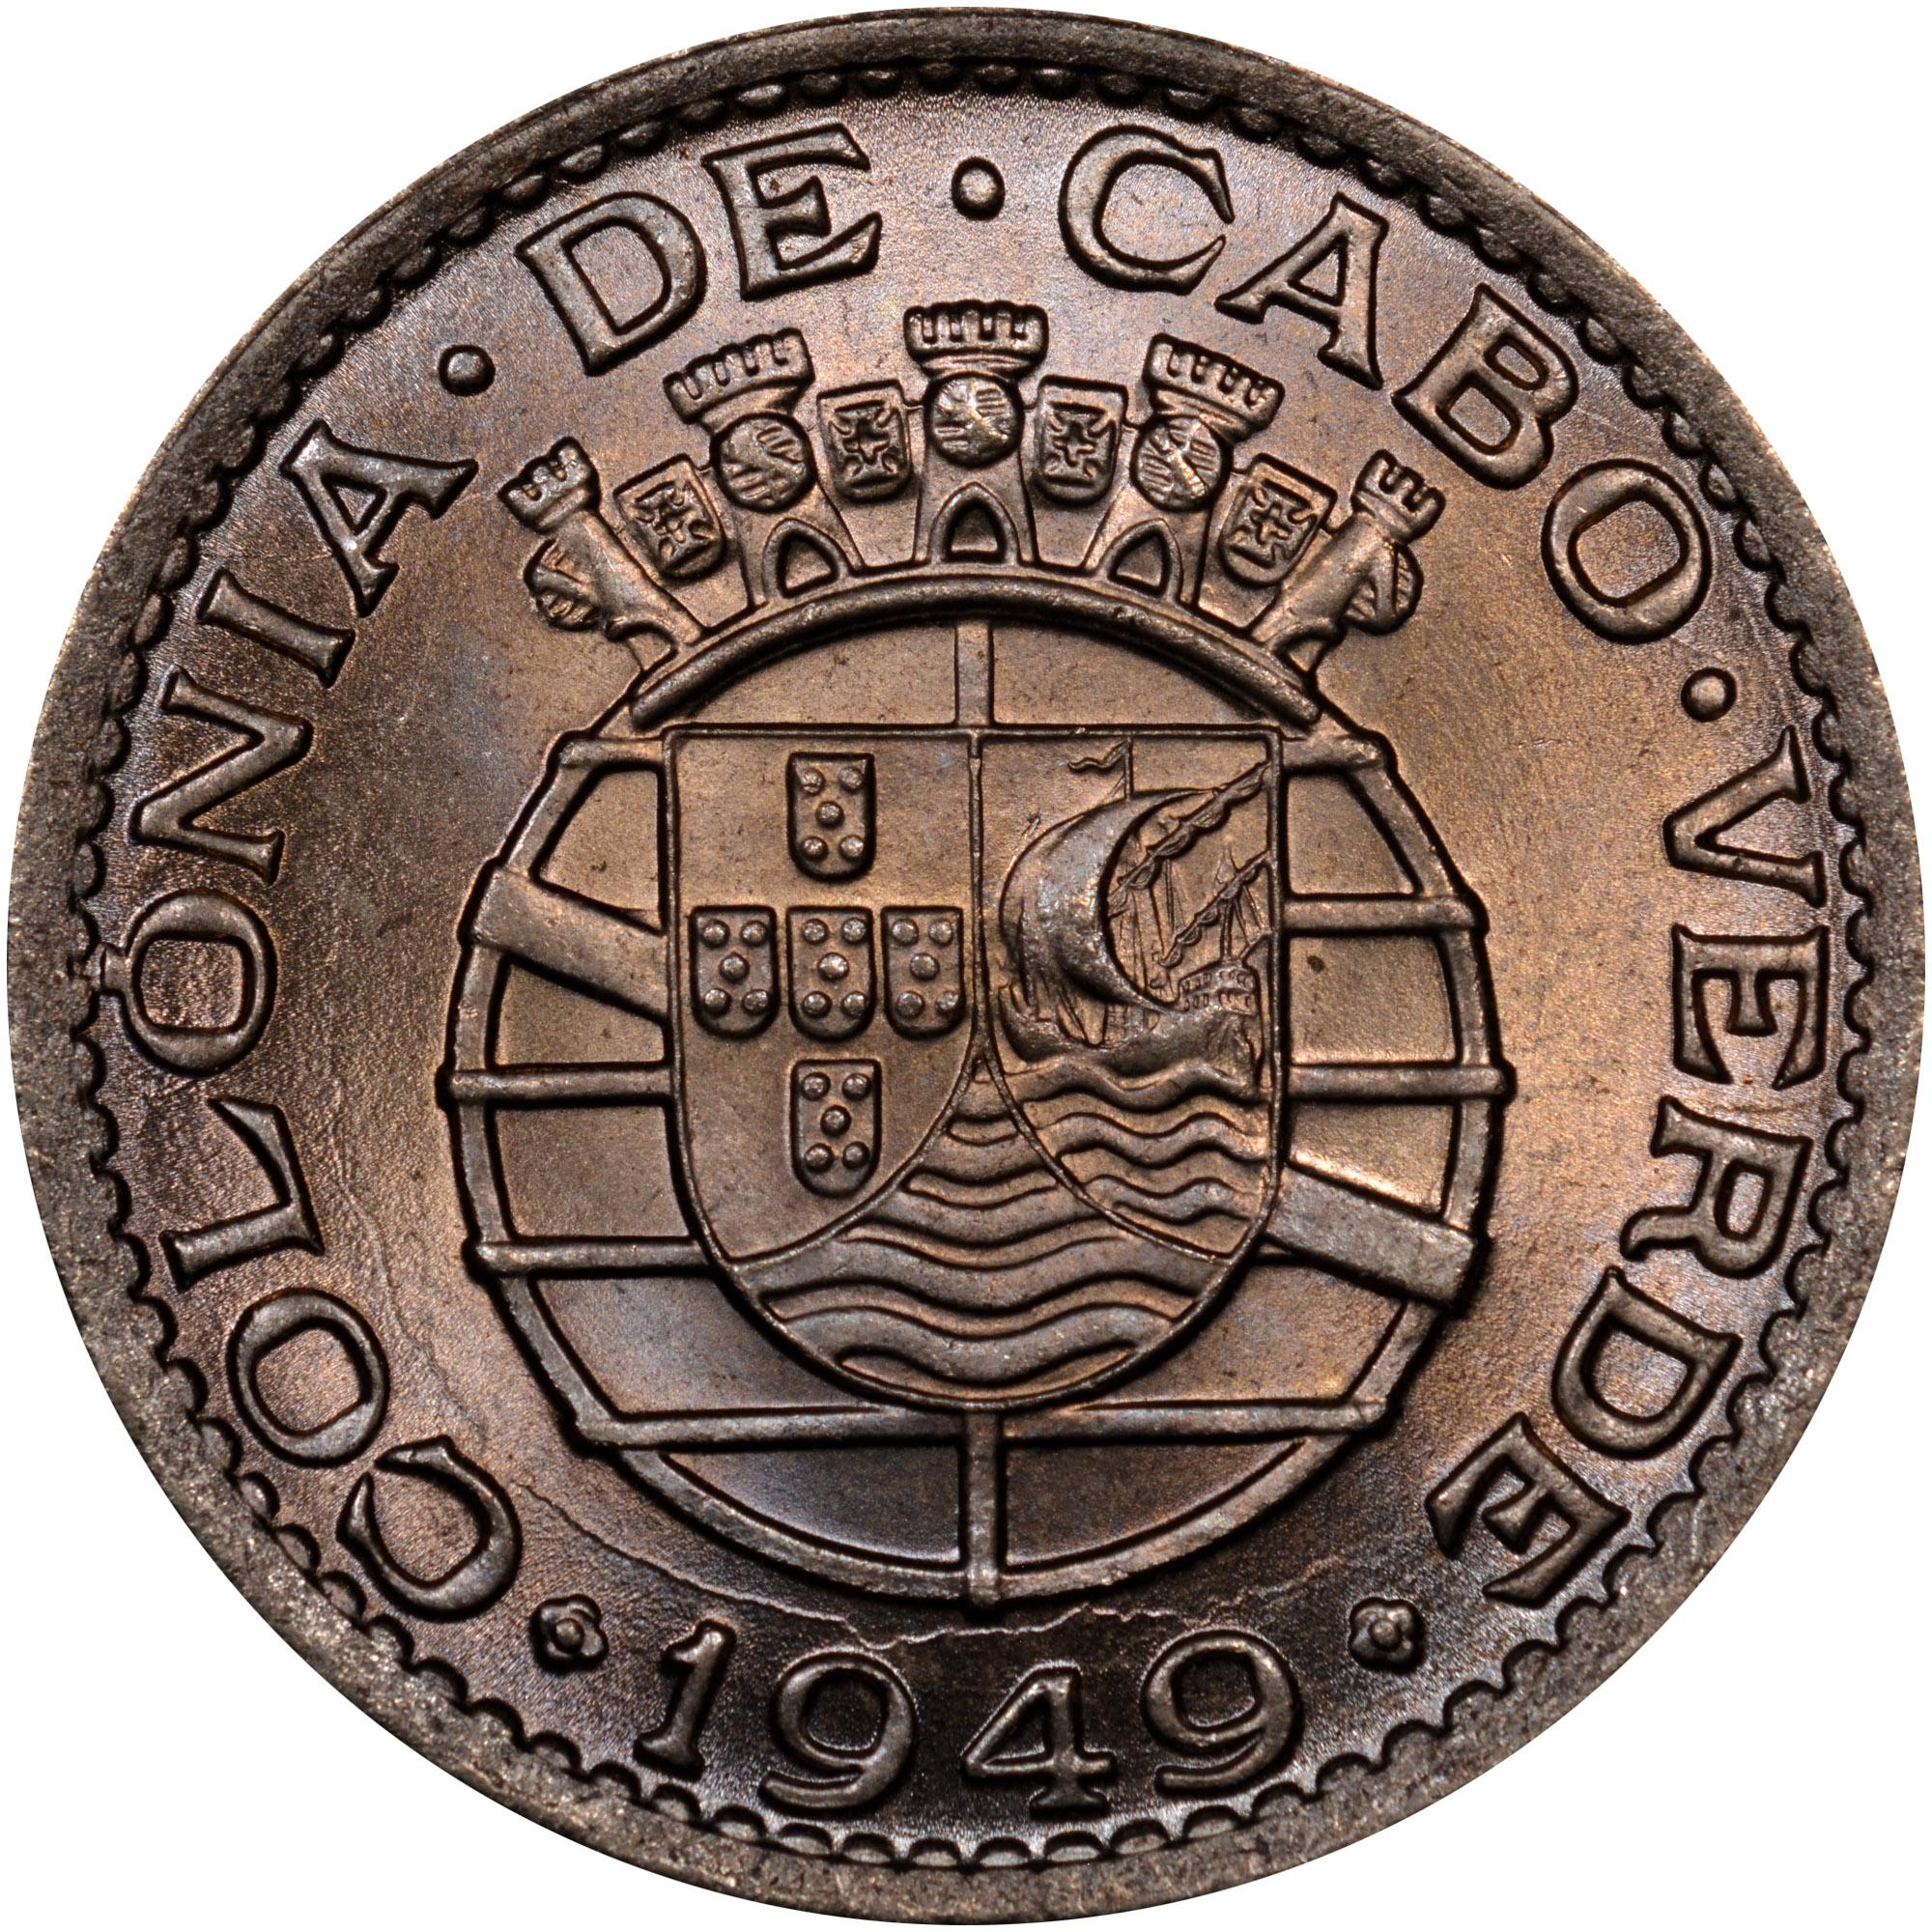 1949 Cape Verde Escudo reverse